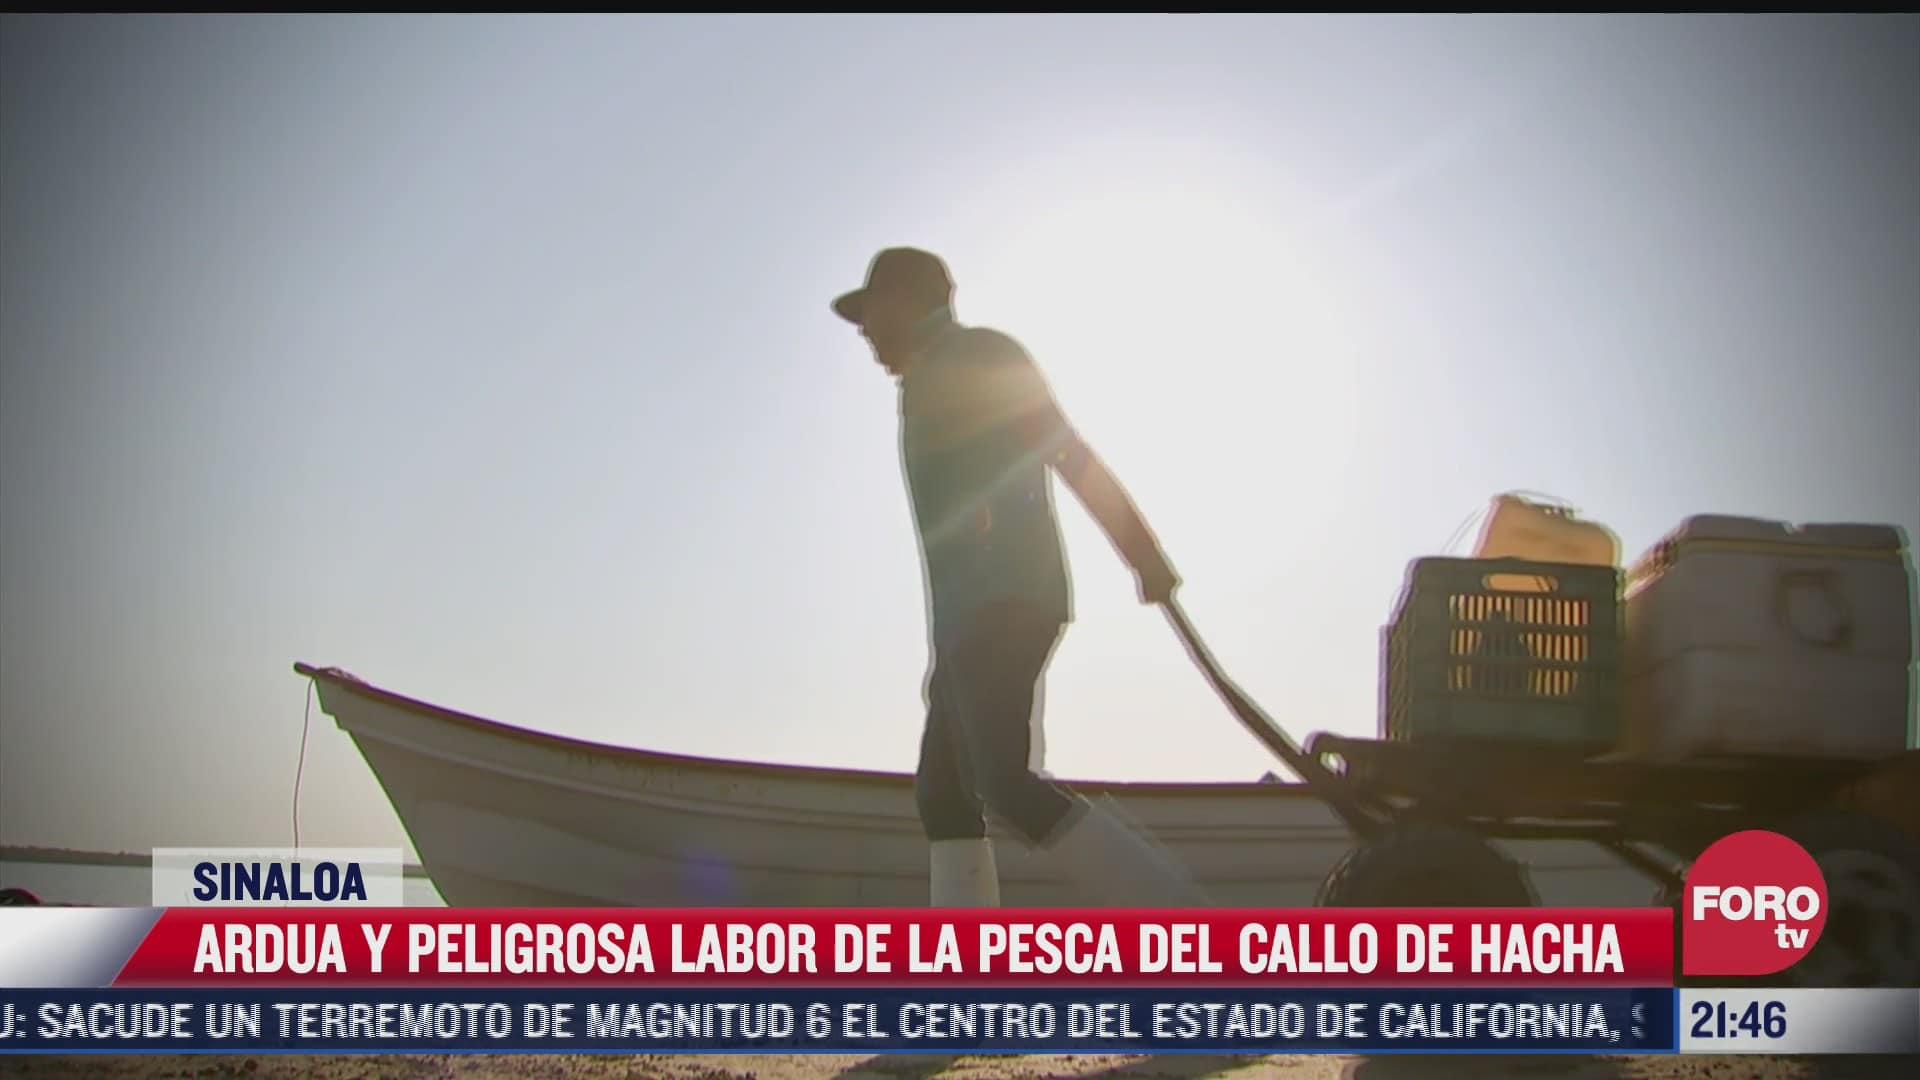 pescadores de callo de hacha arriesgan su vida para salir adelante